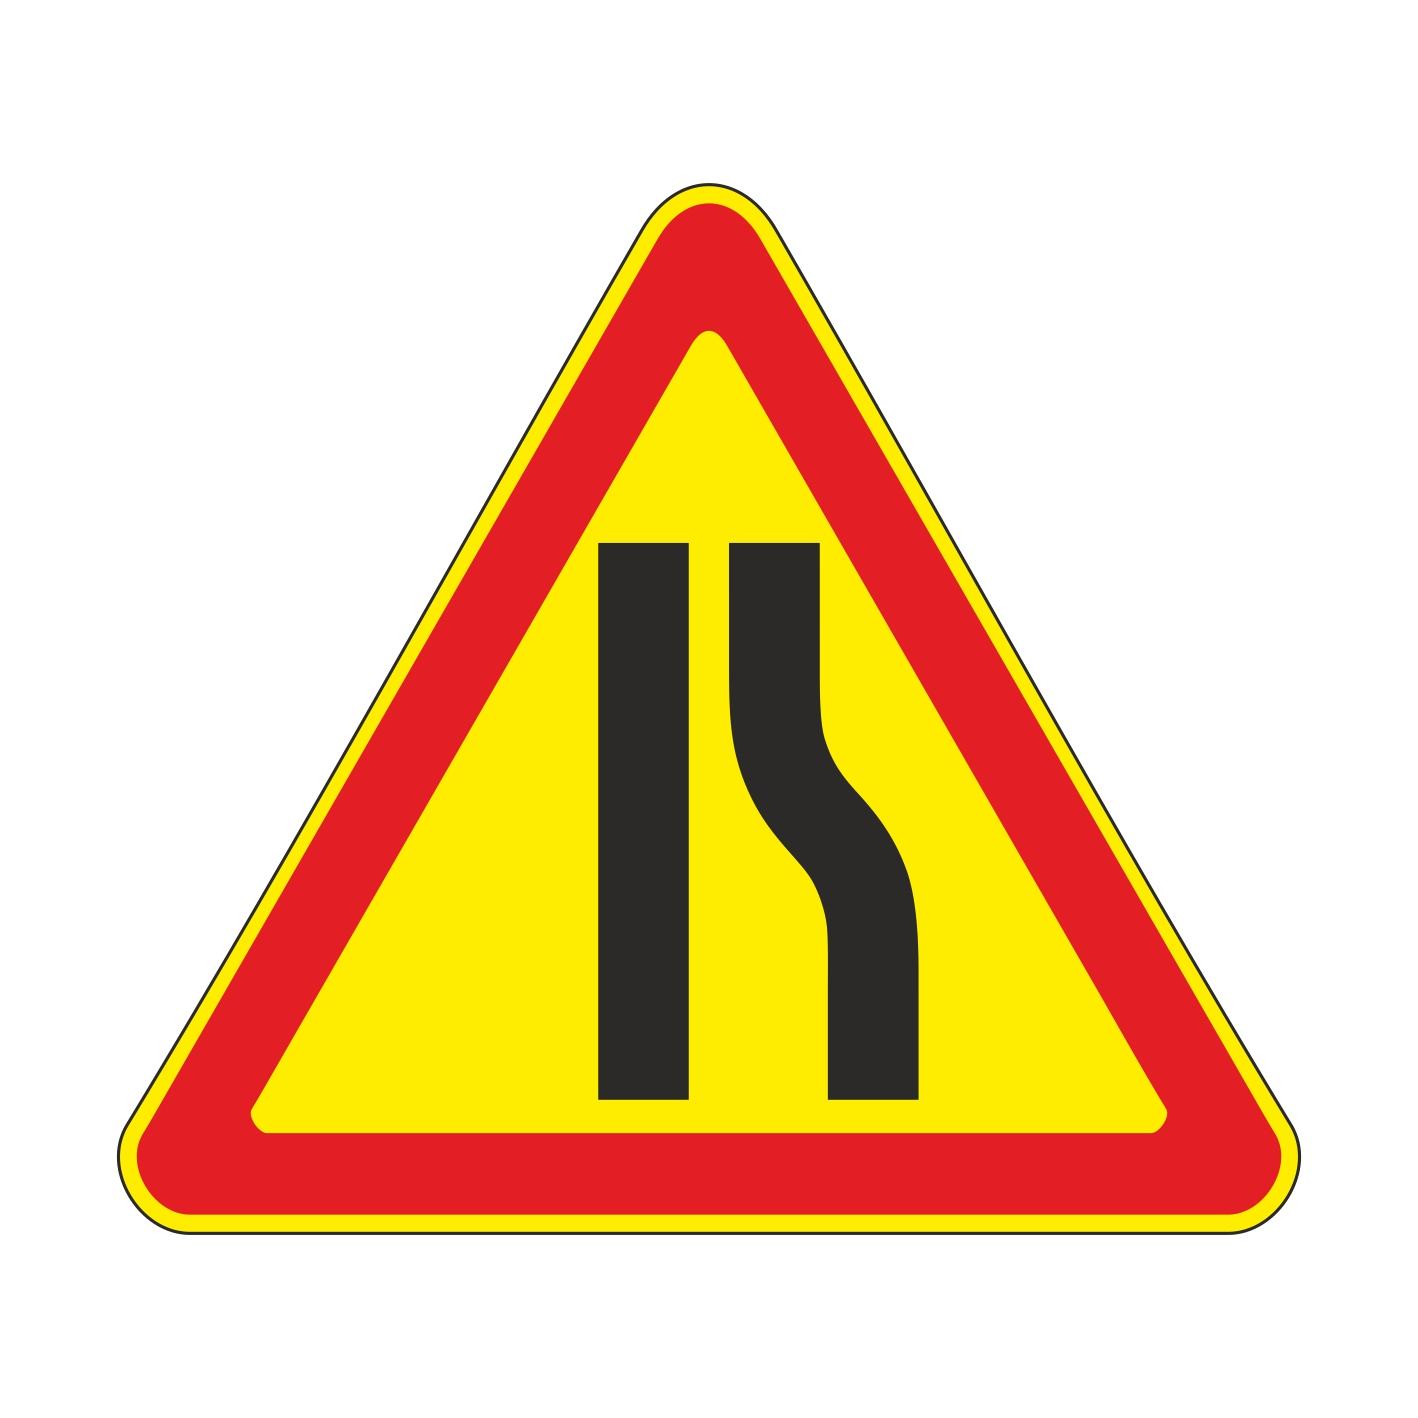 1.20.2 (временный) Сужение дороги [дорожный знак]